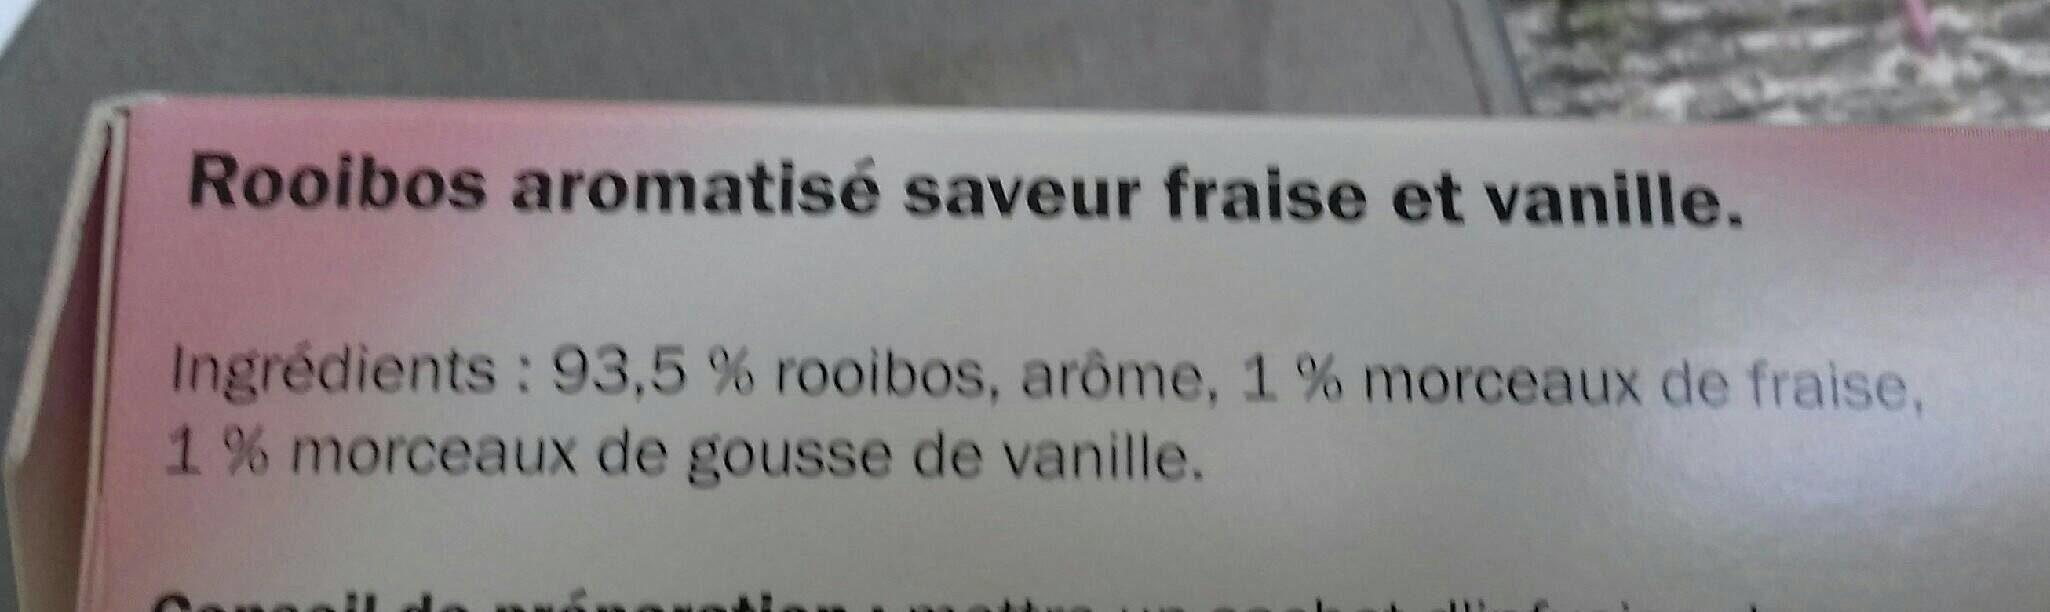 Rooibos aromatisé  saveur fraise vanille - Ingrediënten